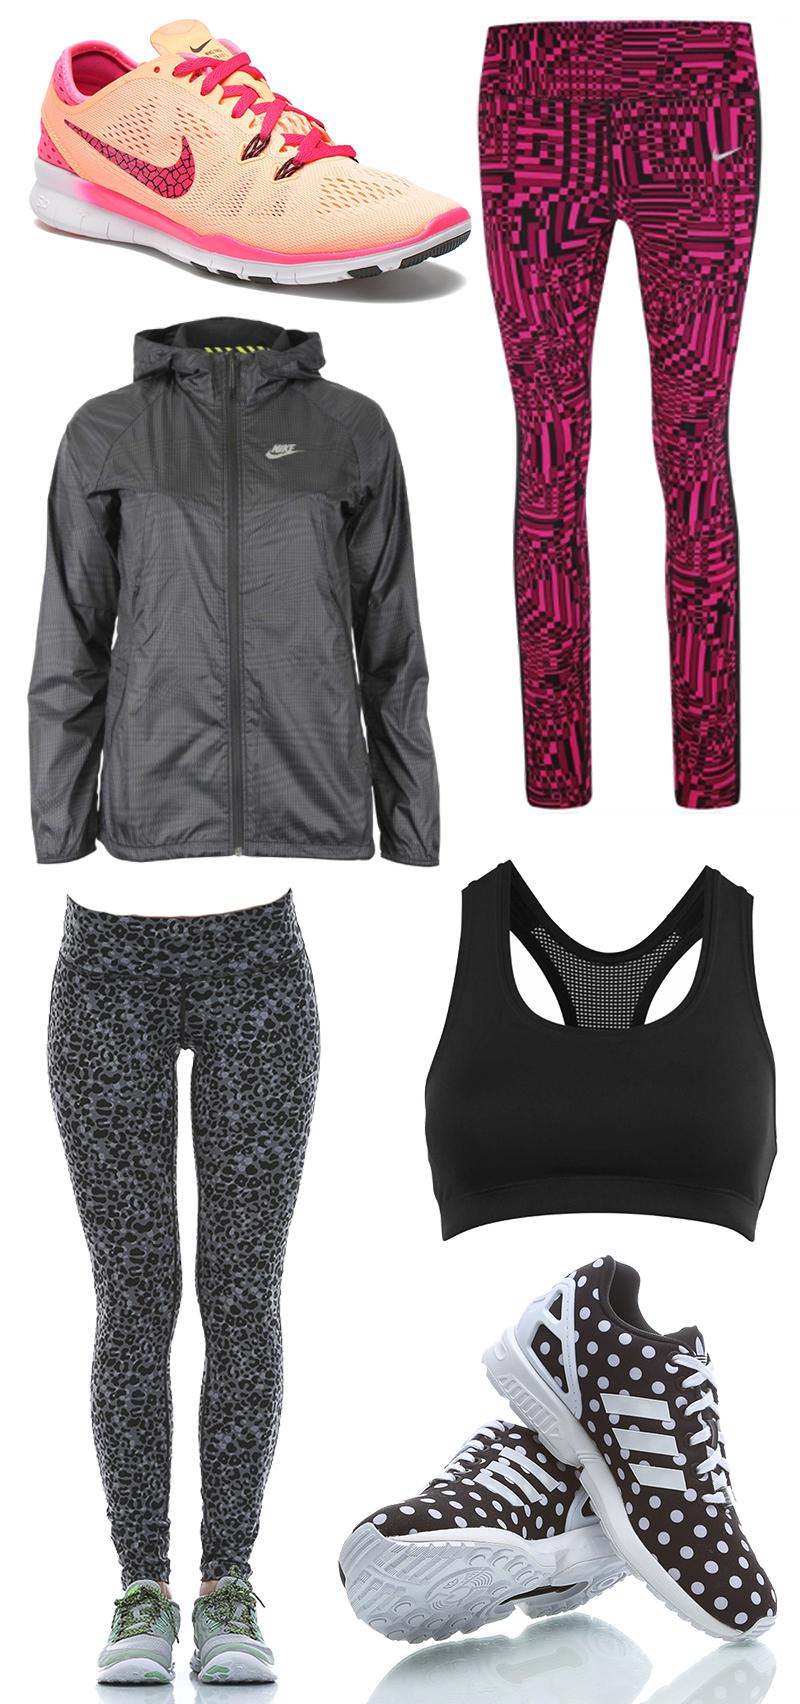 udsalgsoverblik tilbud gode rabatter januarudsalg udsalgsguide Amy Dyrholm blog her er gode penge at spare Nike rabat Adidas Inwear By Malene Birger Zara